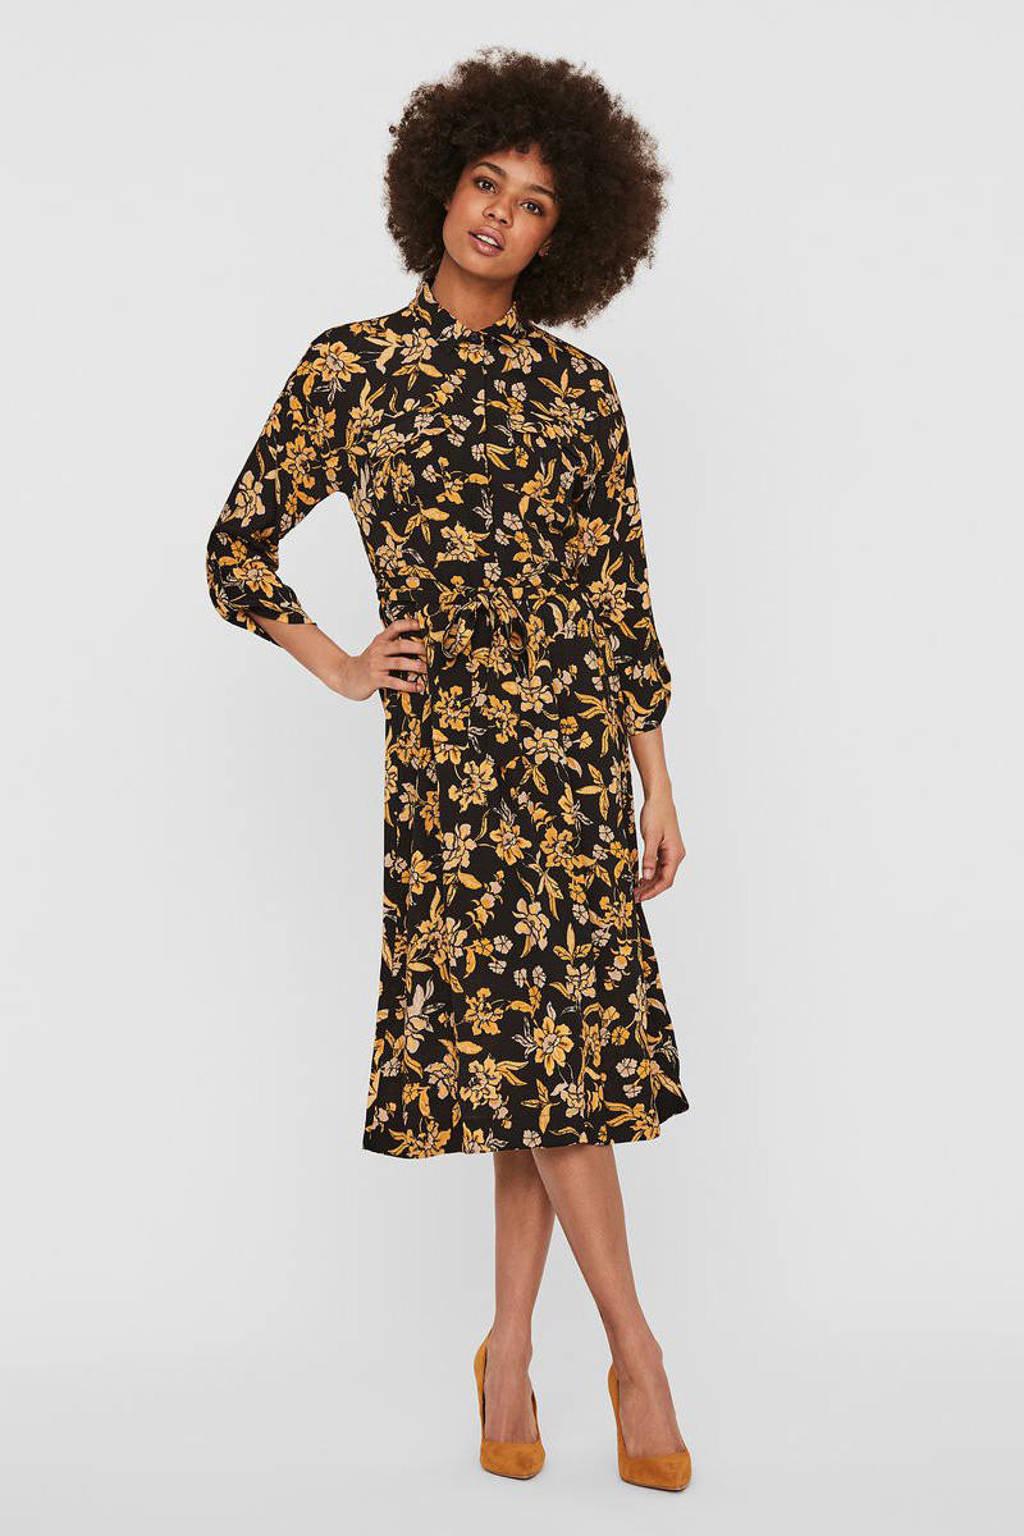 VERO MODA gebloemde blousejurk Filippa zwart/geel, Zwart/geel